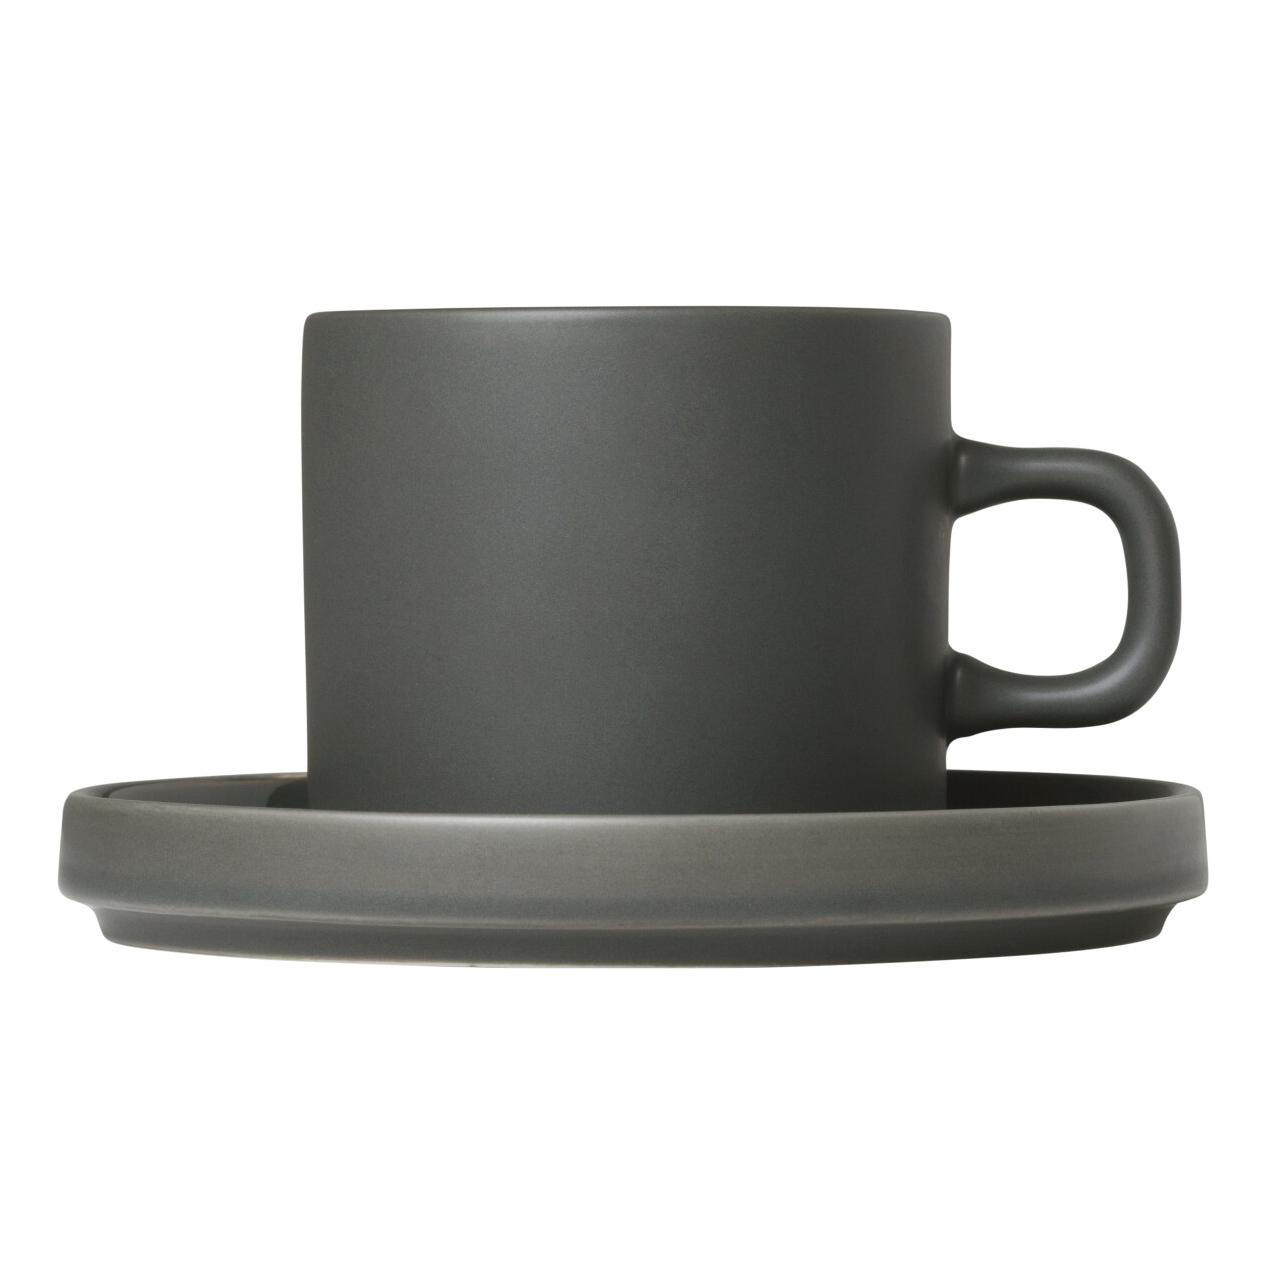 Súprava 2 hrnčekov na kávu s tanierikmi MIO kaki 0,2 l Blomus